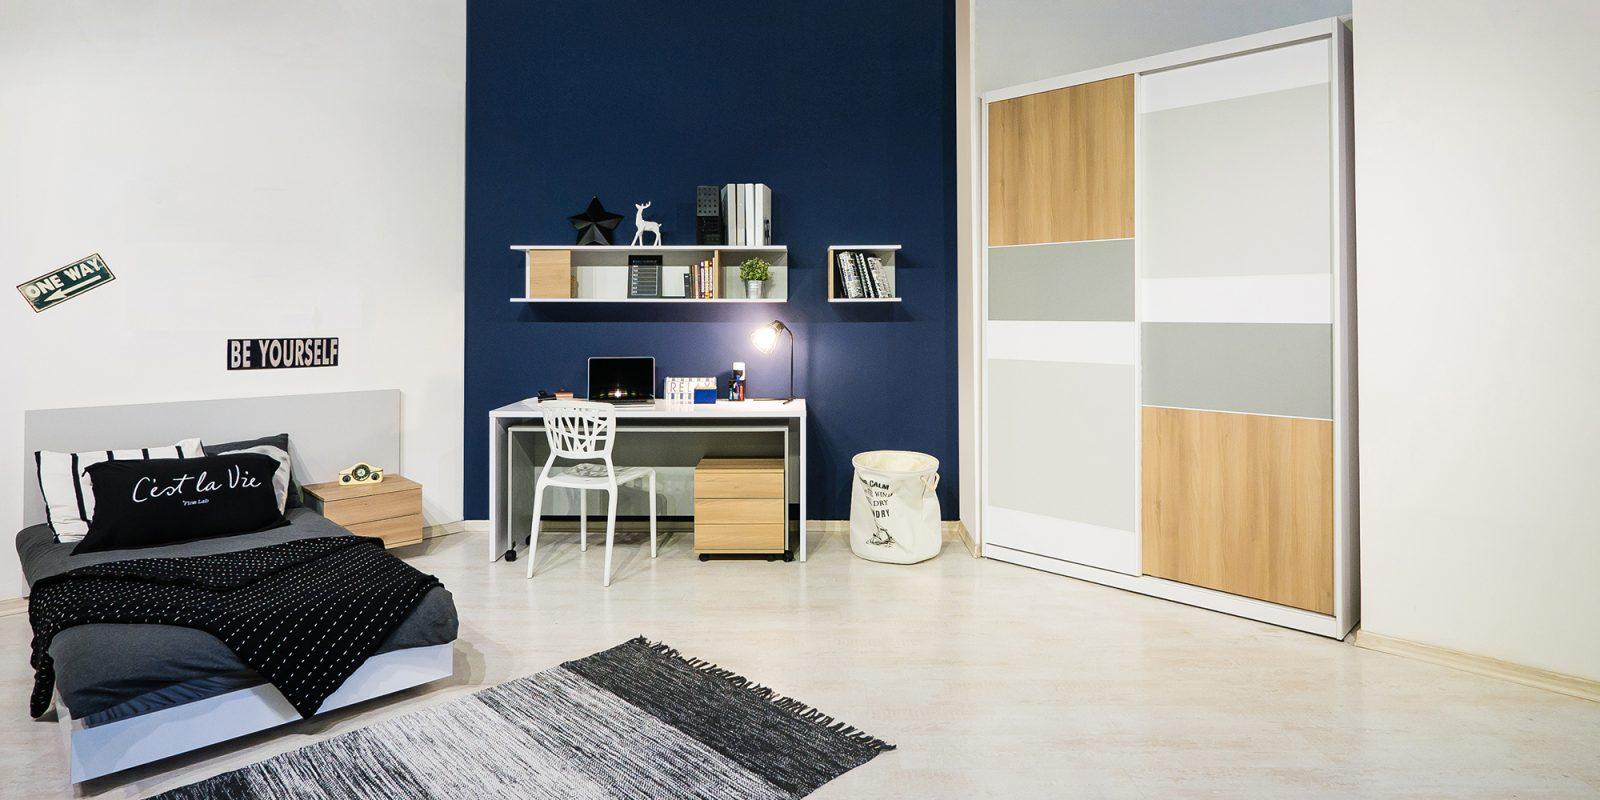 רהיטי דורון חדר שחר מחיר 4528 שח( ארון 1800, מערכת עבודה 1499, מיטה ושידה 1430 ) צילום איתי סיקולסקי (3)